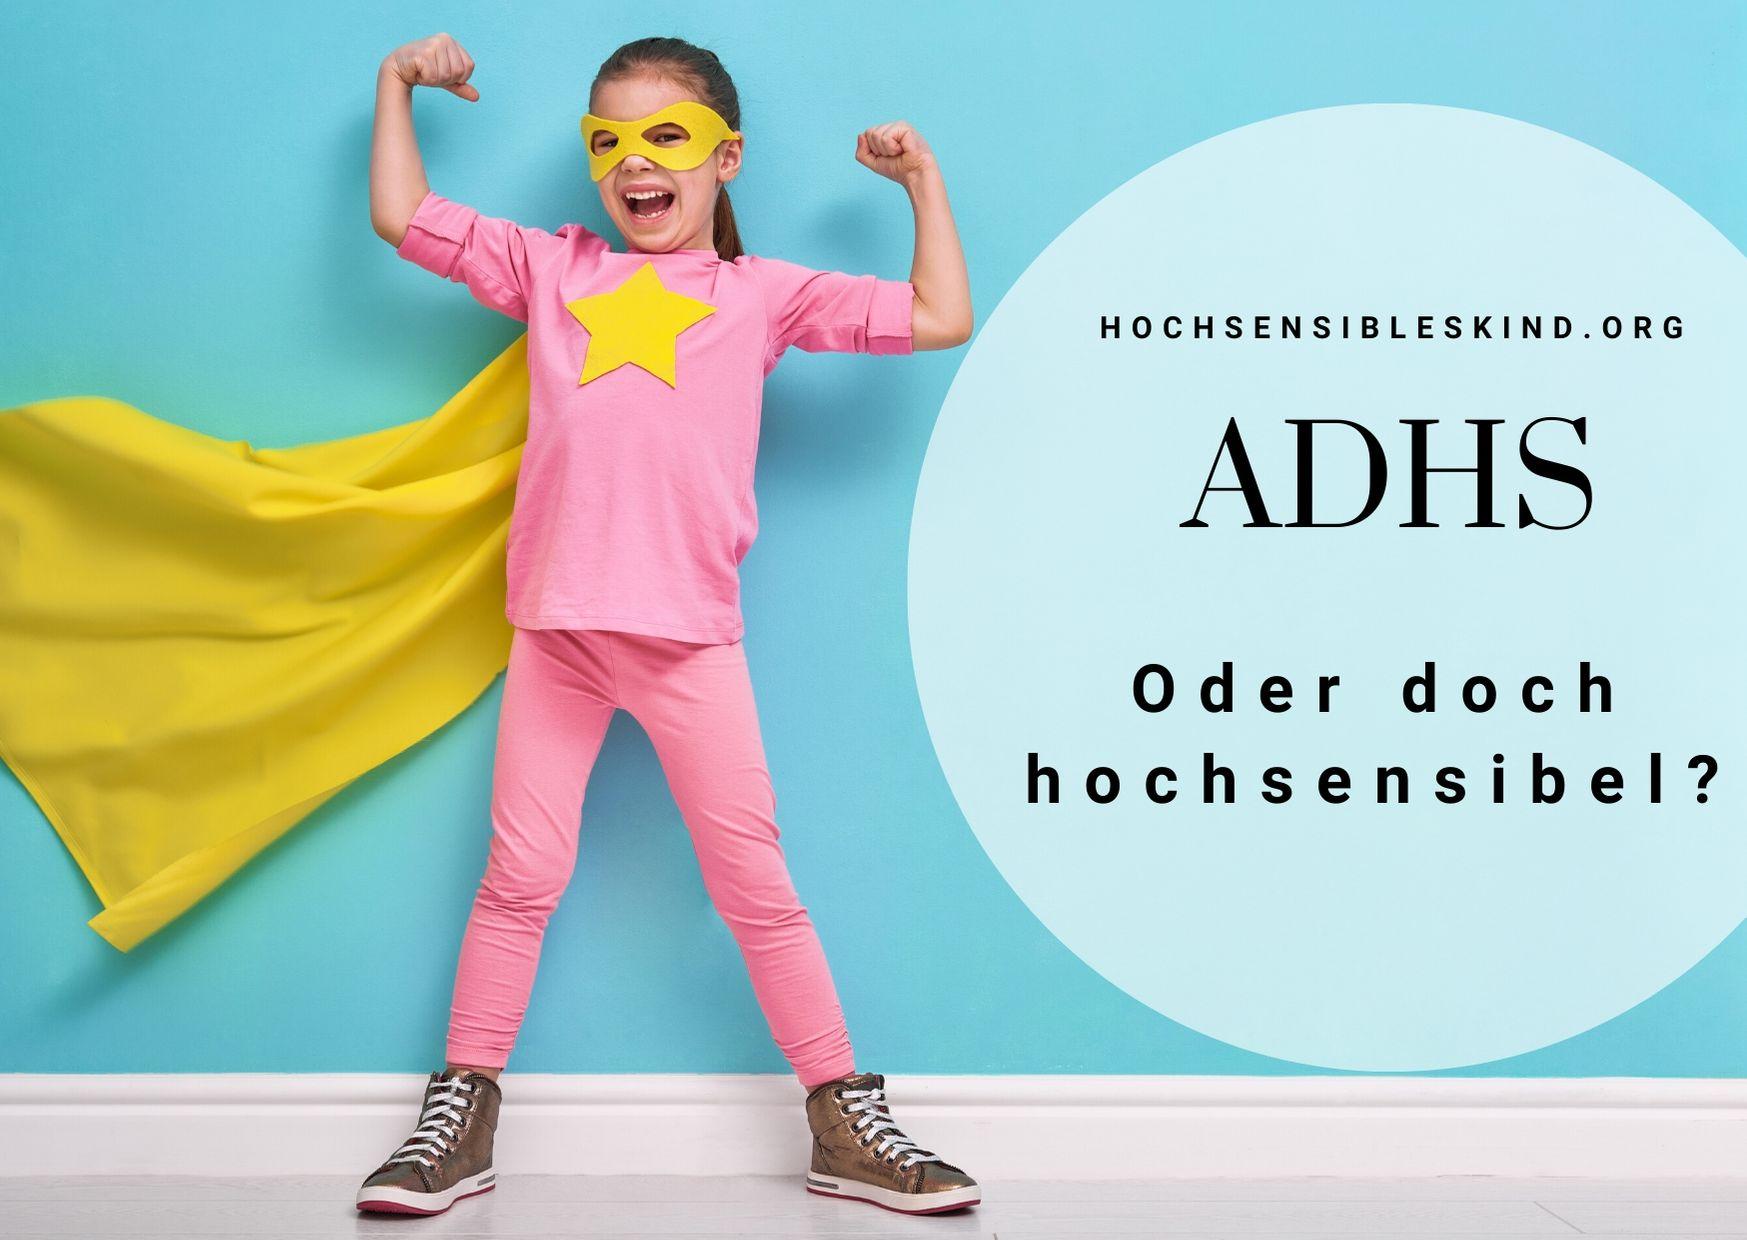 ADHS oder Hochsensibilität?